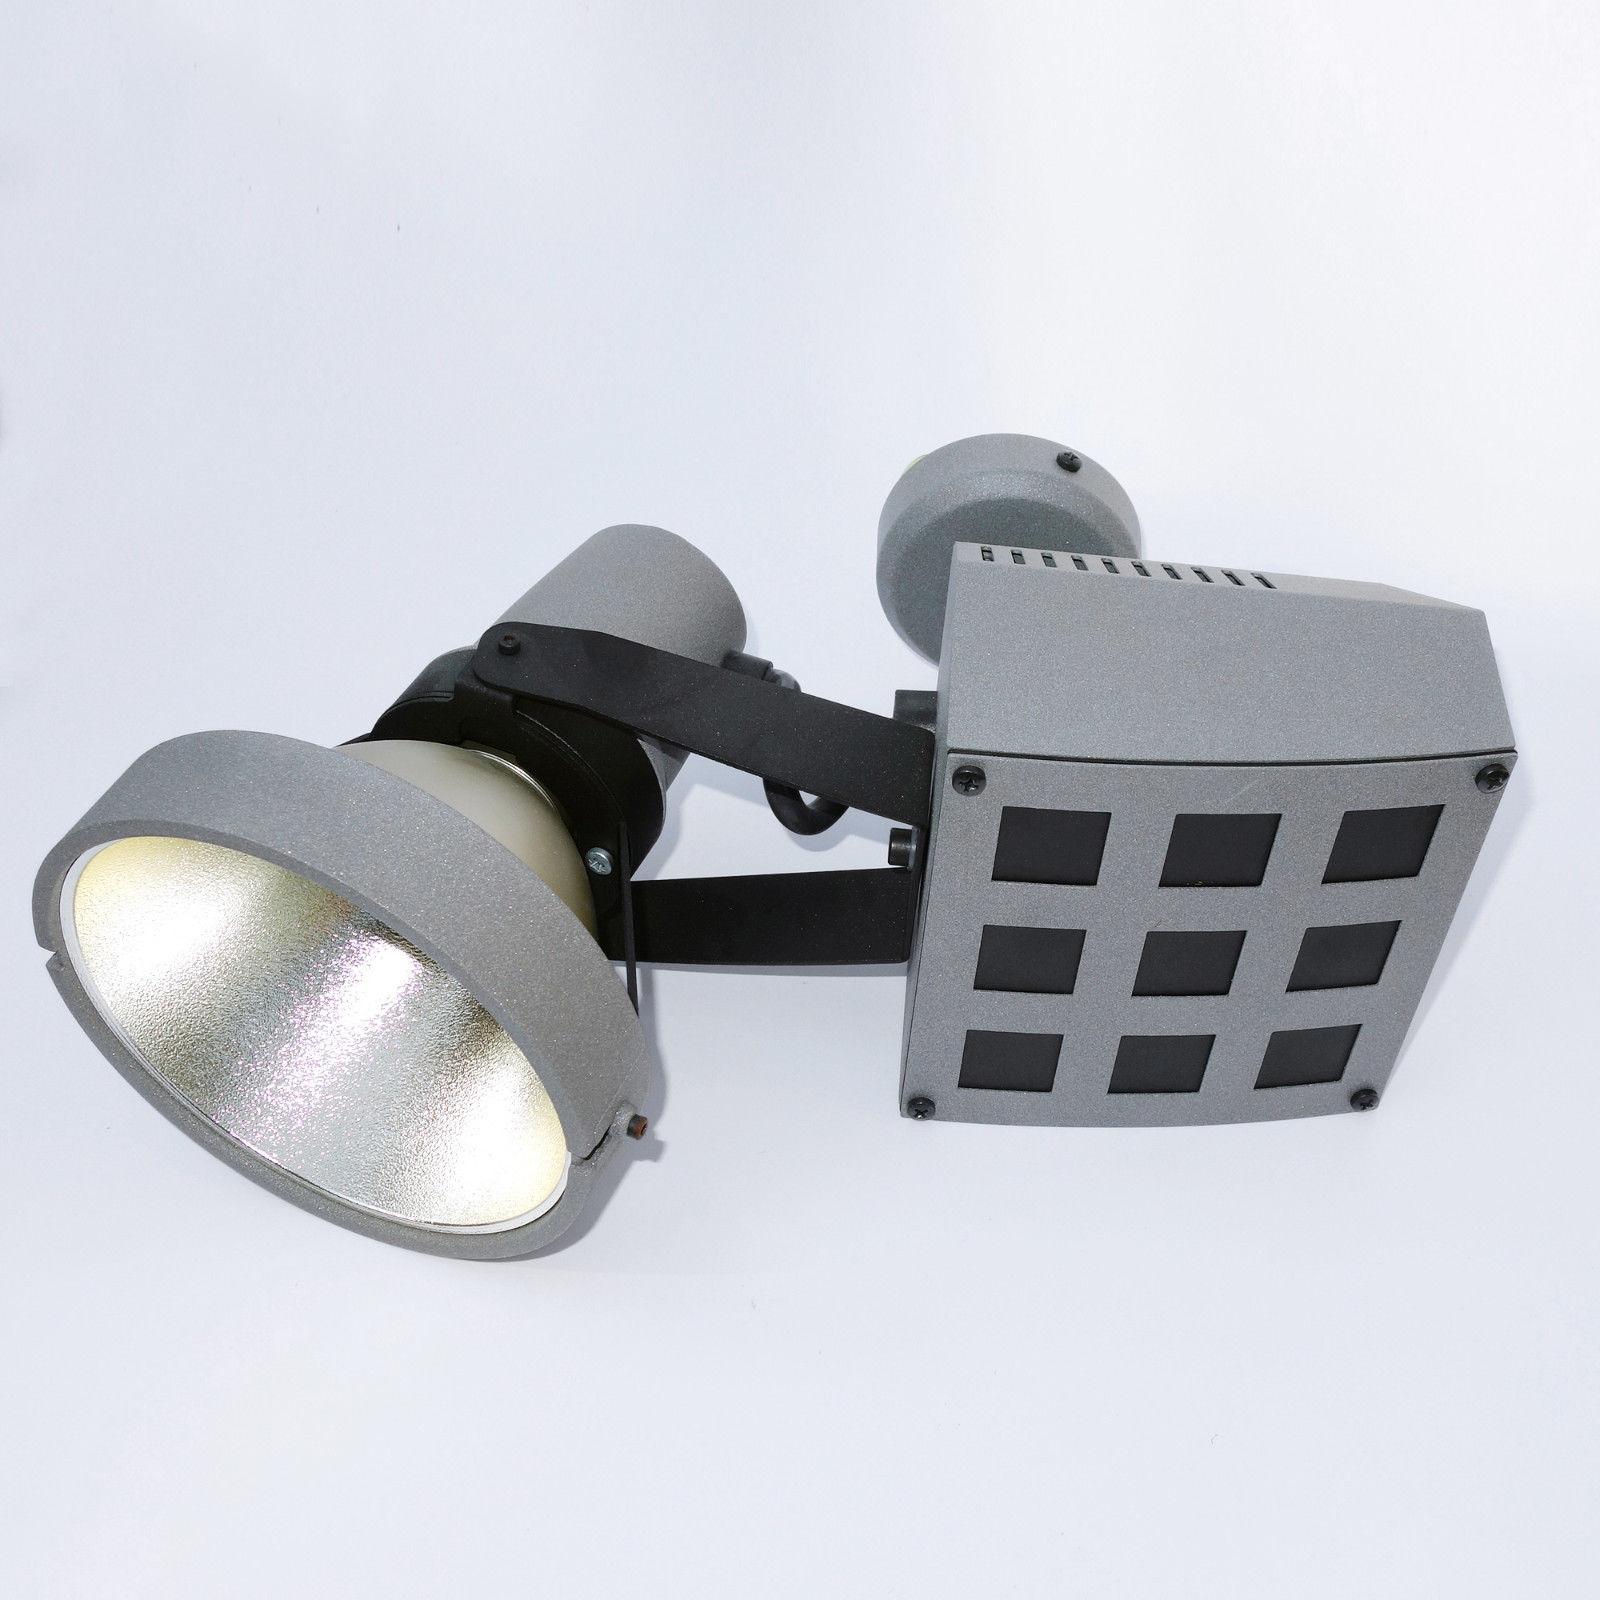 2er Set RGB LED Wandleuchten Farbwechsel Dimmer Außenlampen Haustür Alu Strahler